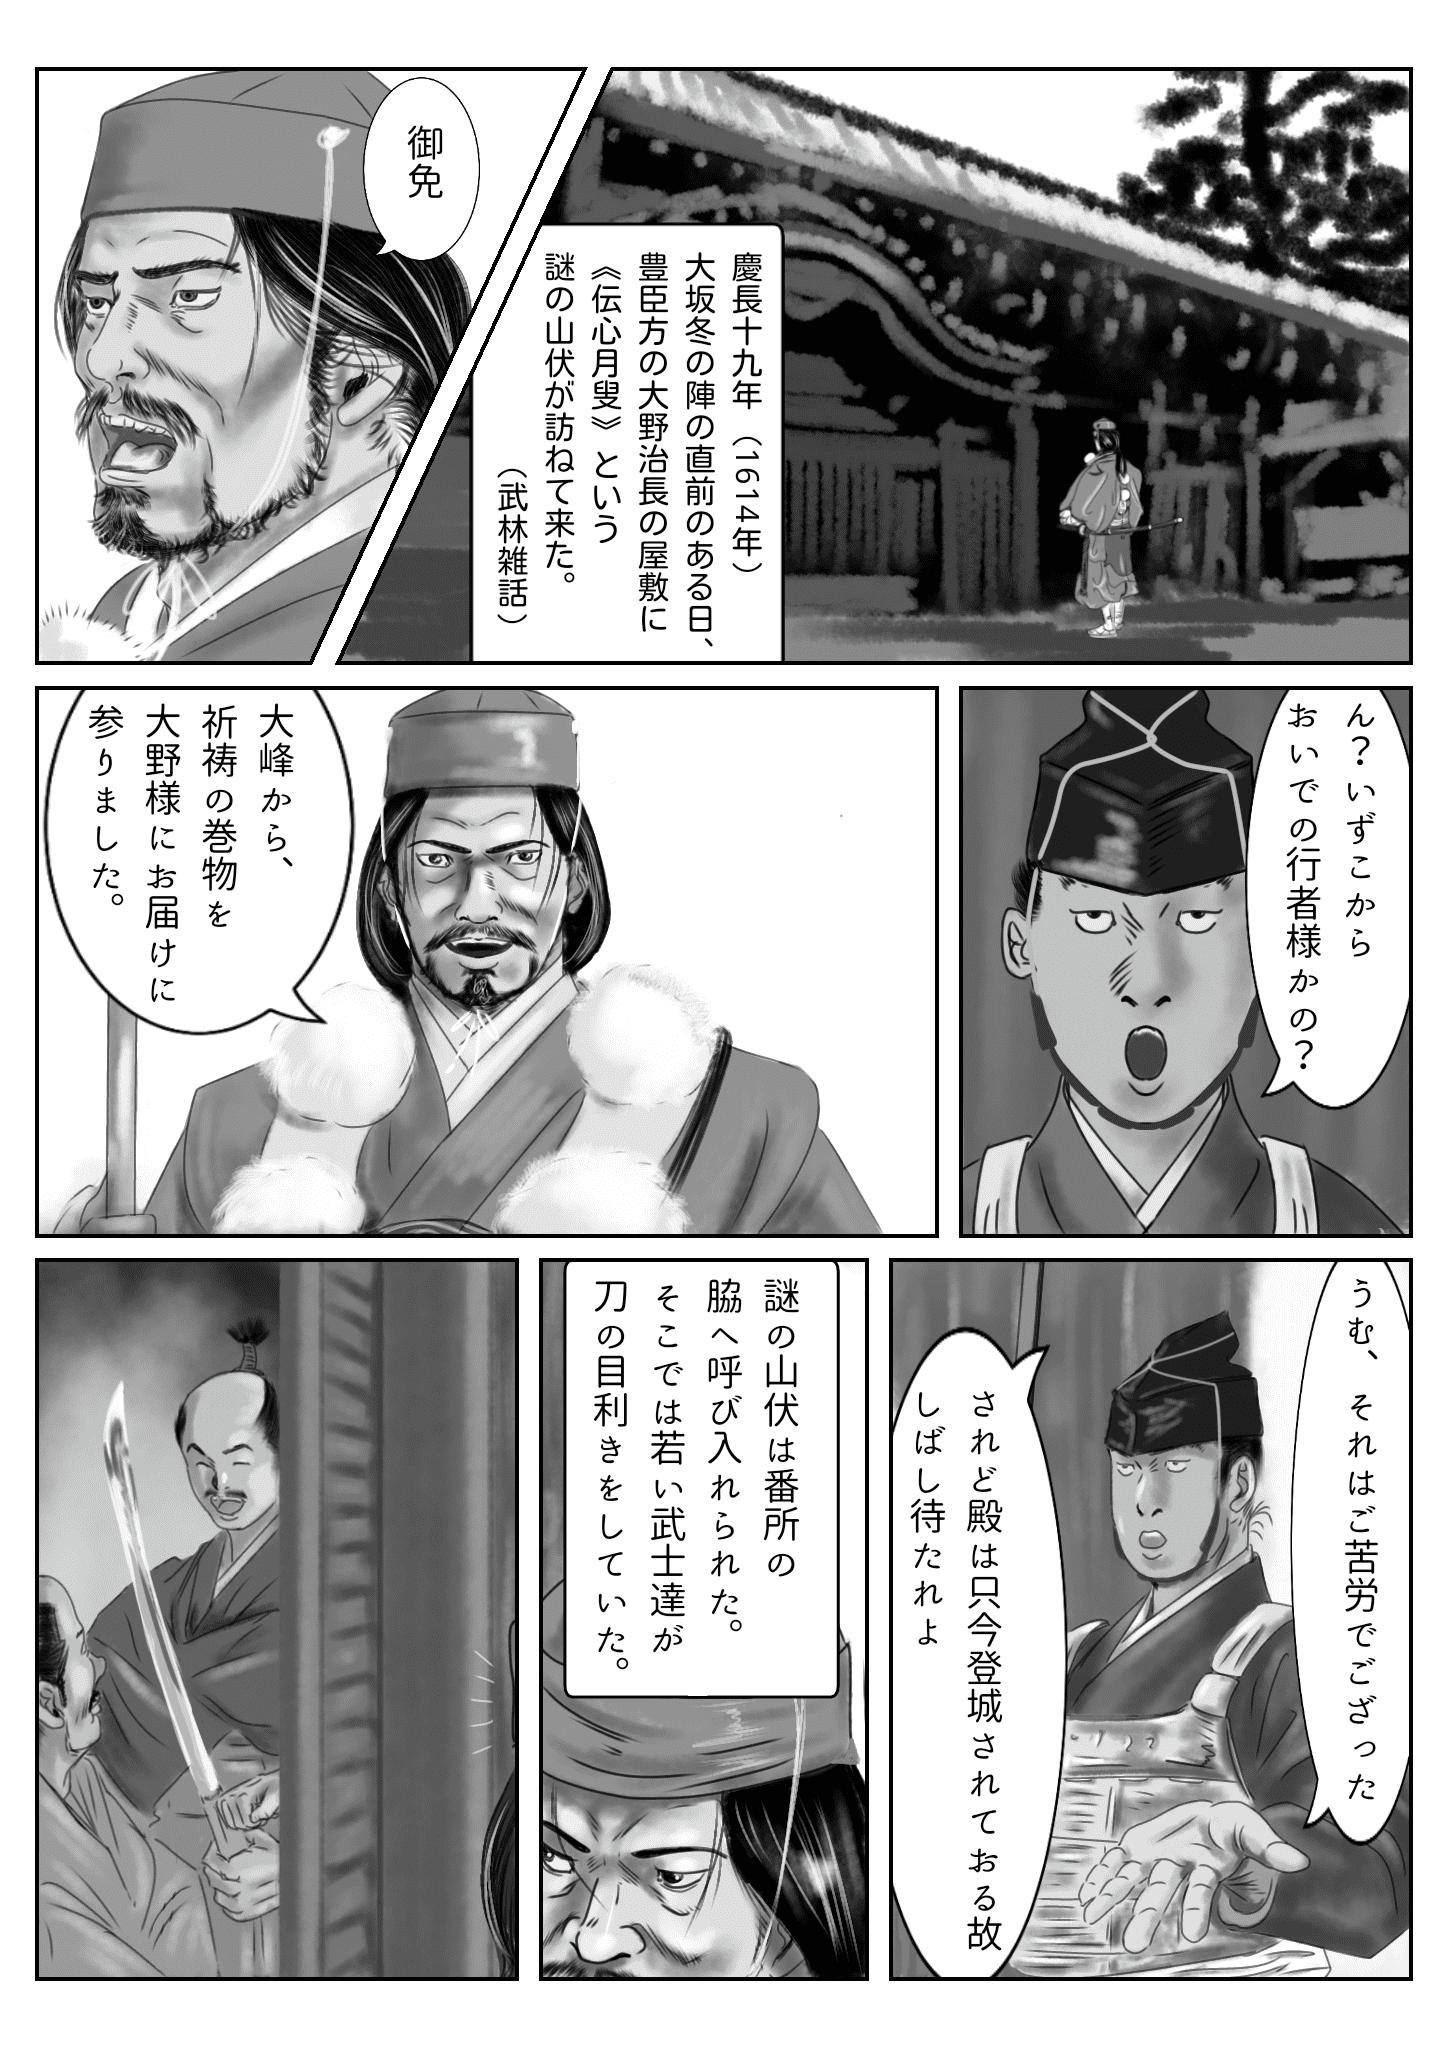 謎の山伏 1ページ